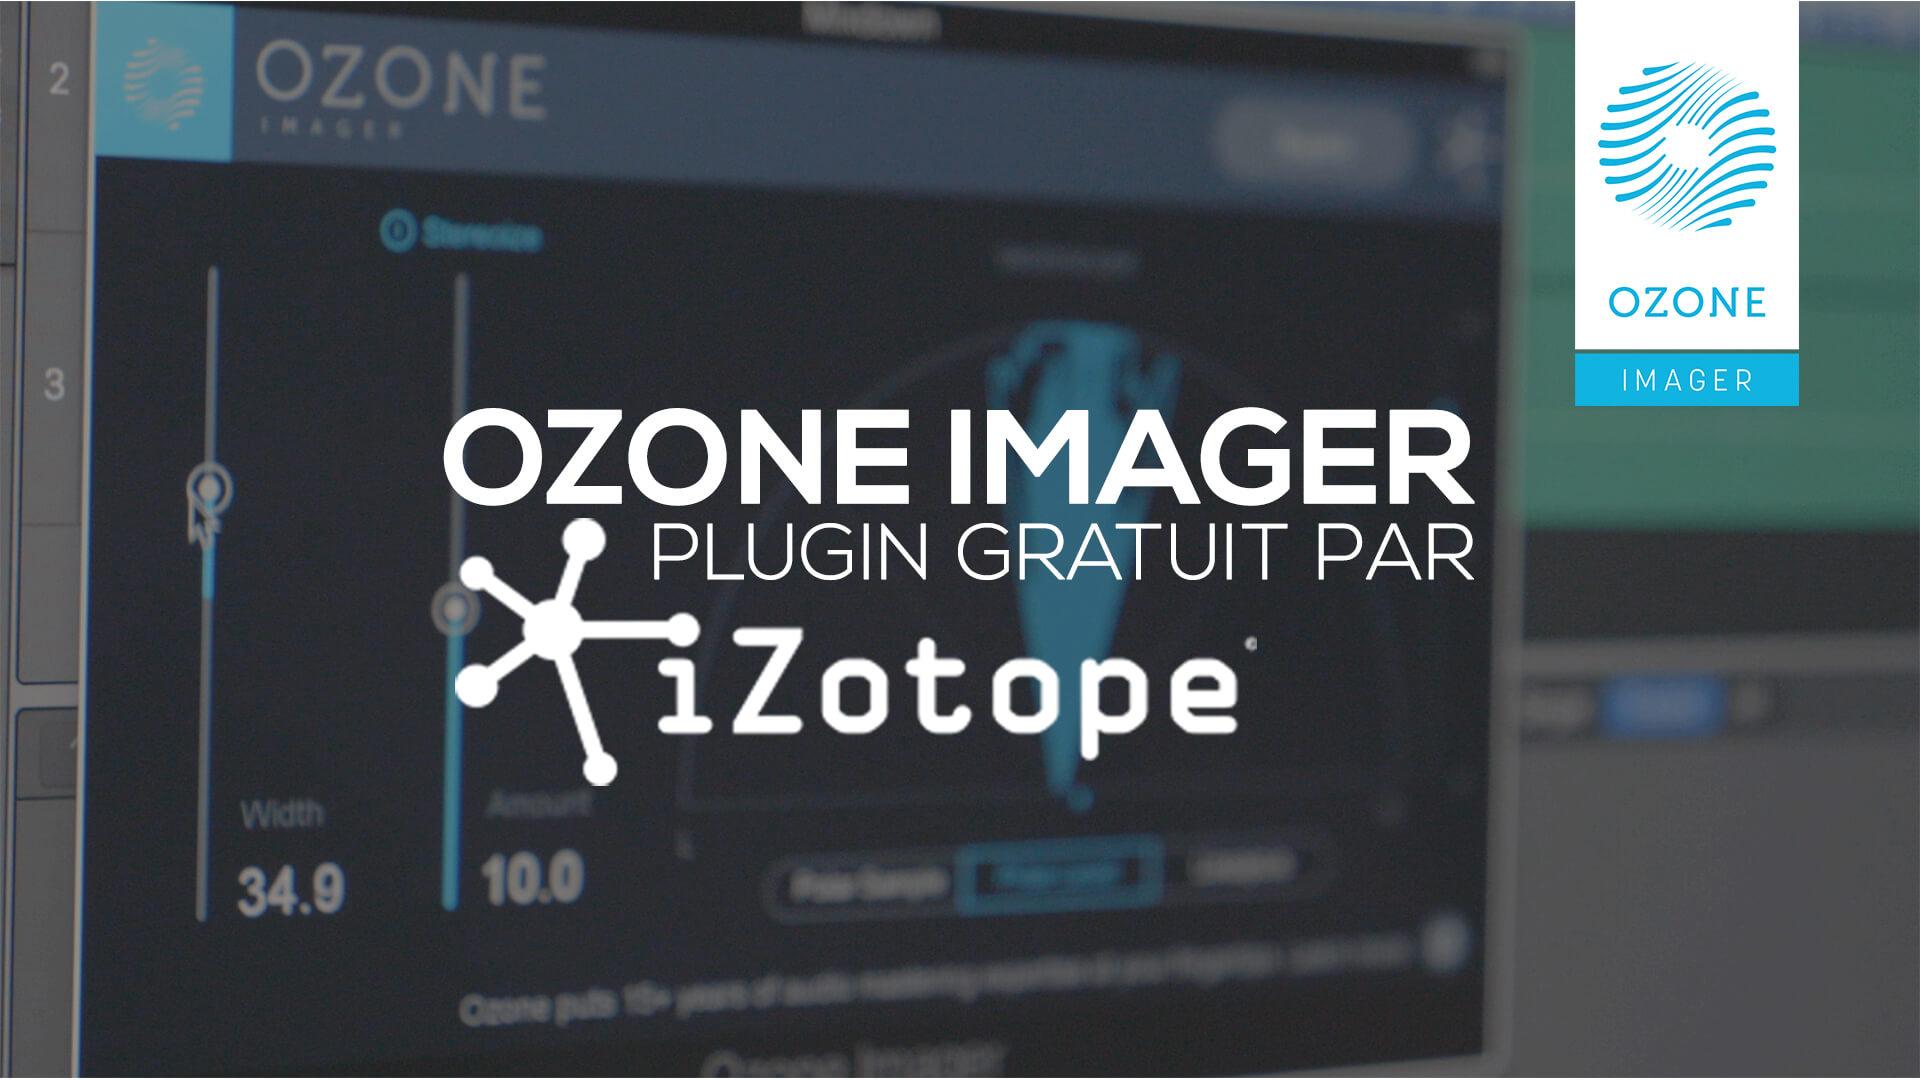 Ozone Imager, plugin gratuit par iZotope!